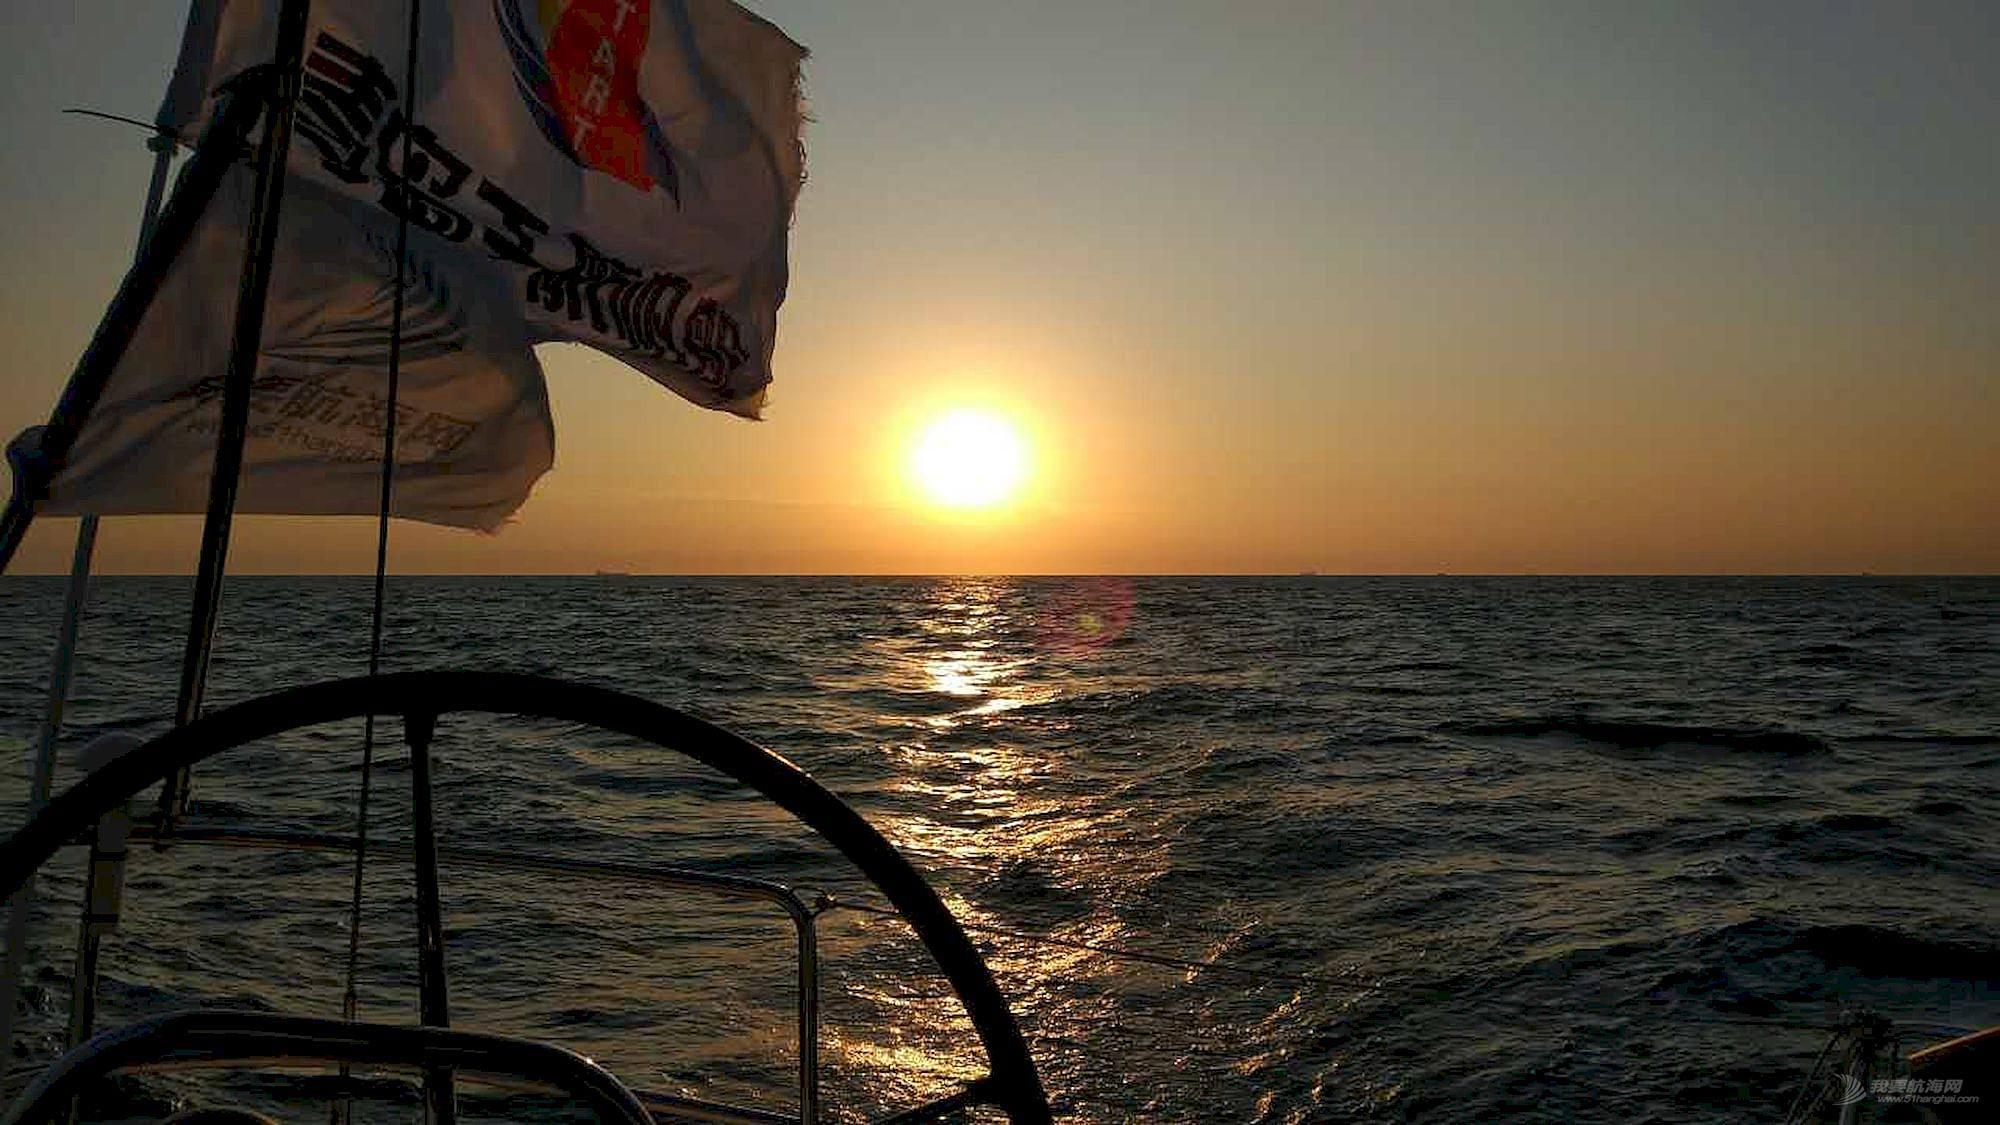 向着太阳升起的地方出发:记第一次跨国远航-千航帆船